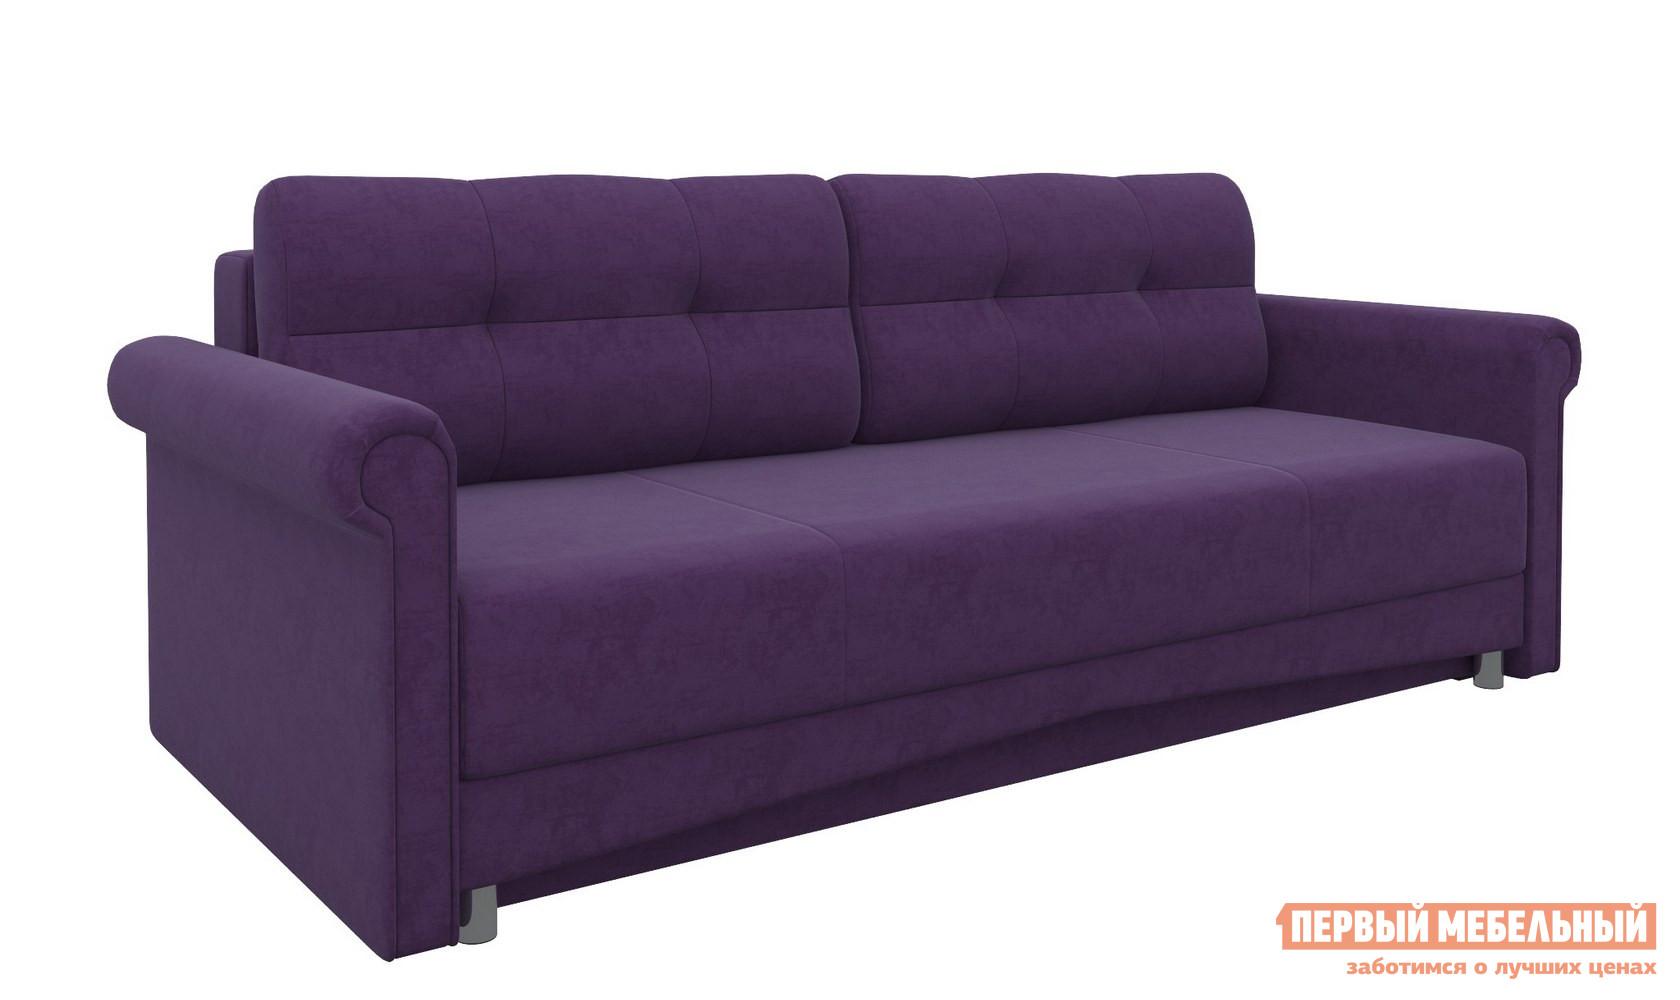 Фото Диван Мебелико Диван-еврокнижка Европа Фиолетовый микровельвет. Купить с доставкой